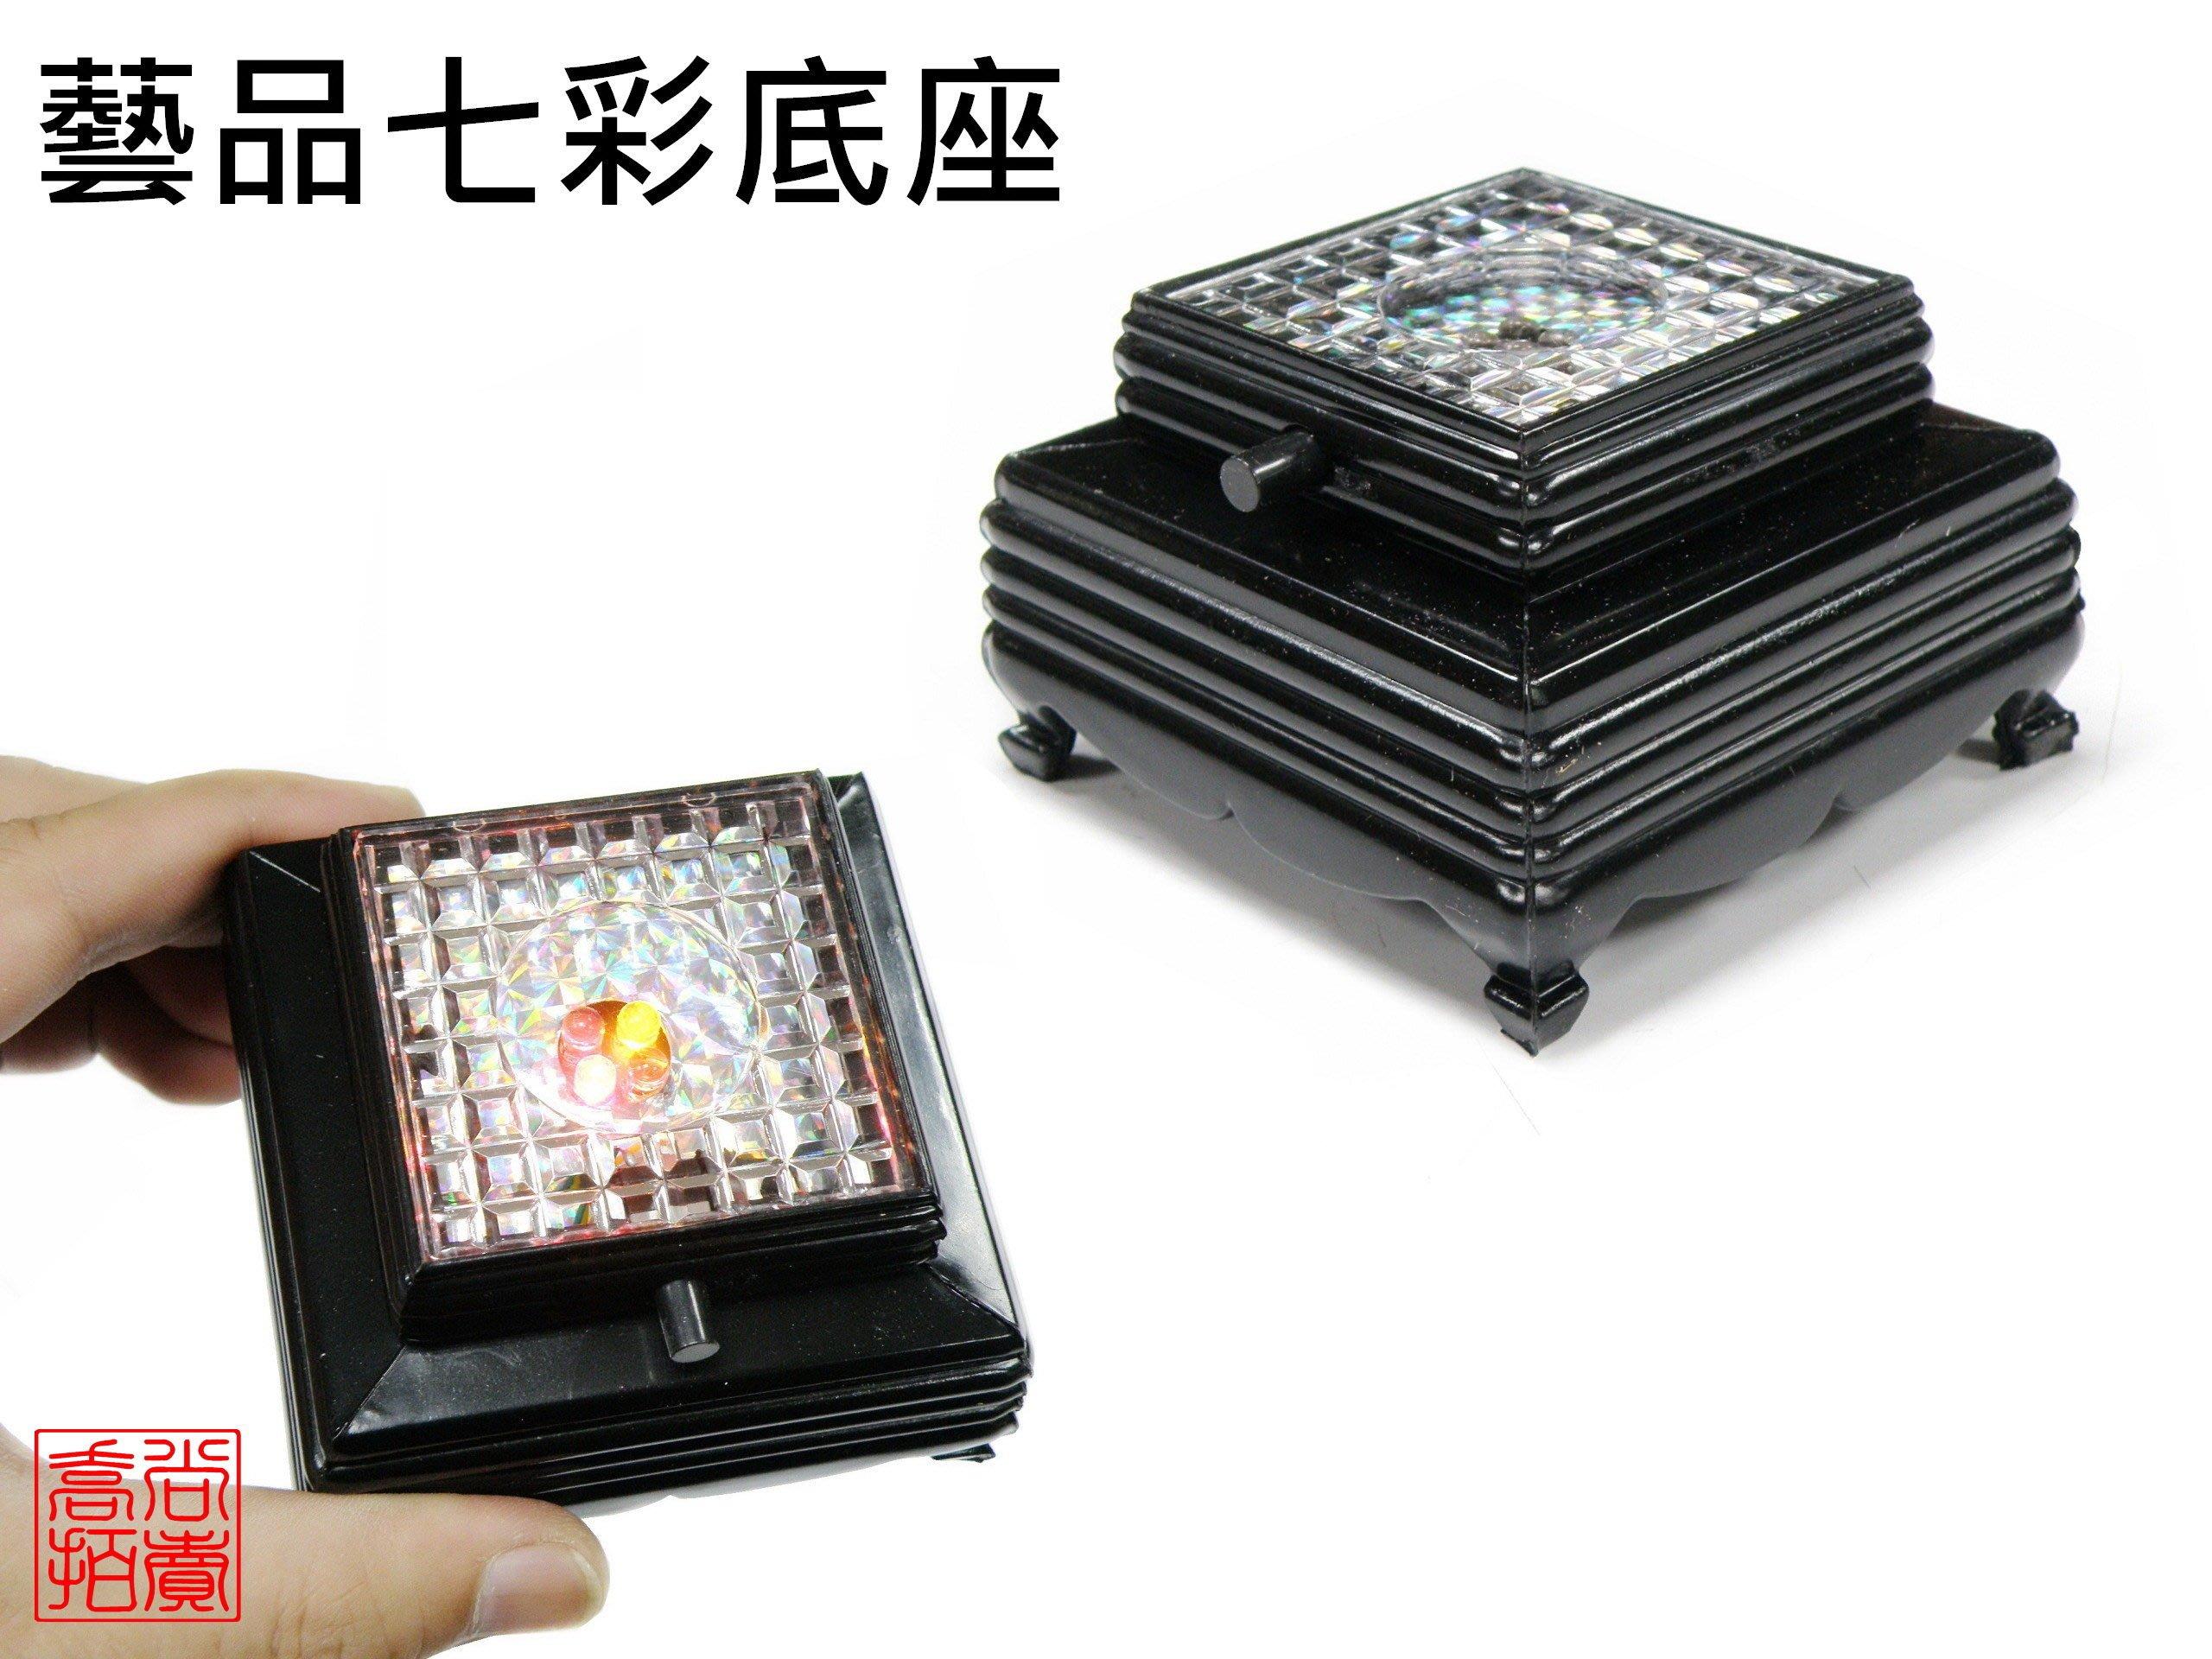 【喬尚拍賣】3D雷雕柱底座.四方七彩燈光座.藝品專用